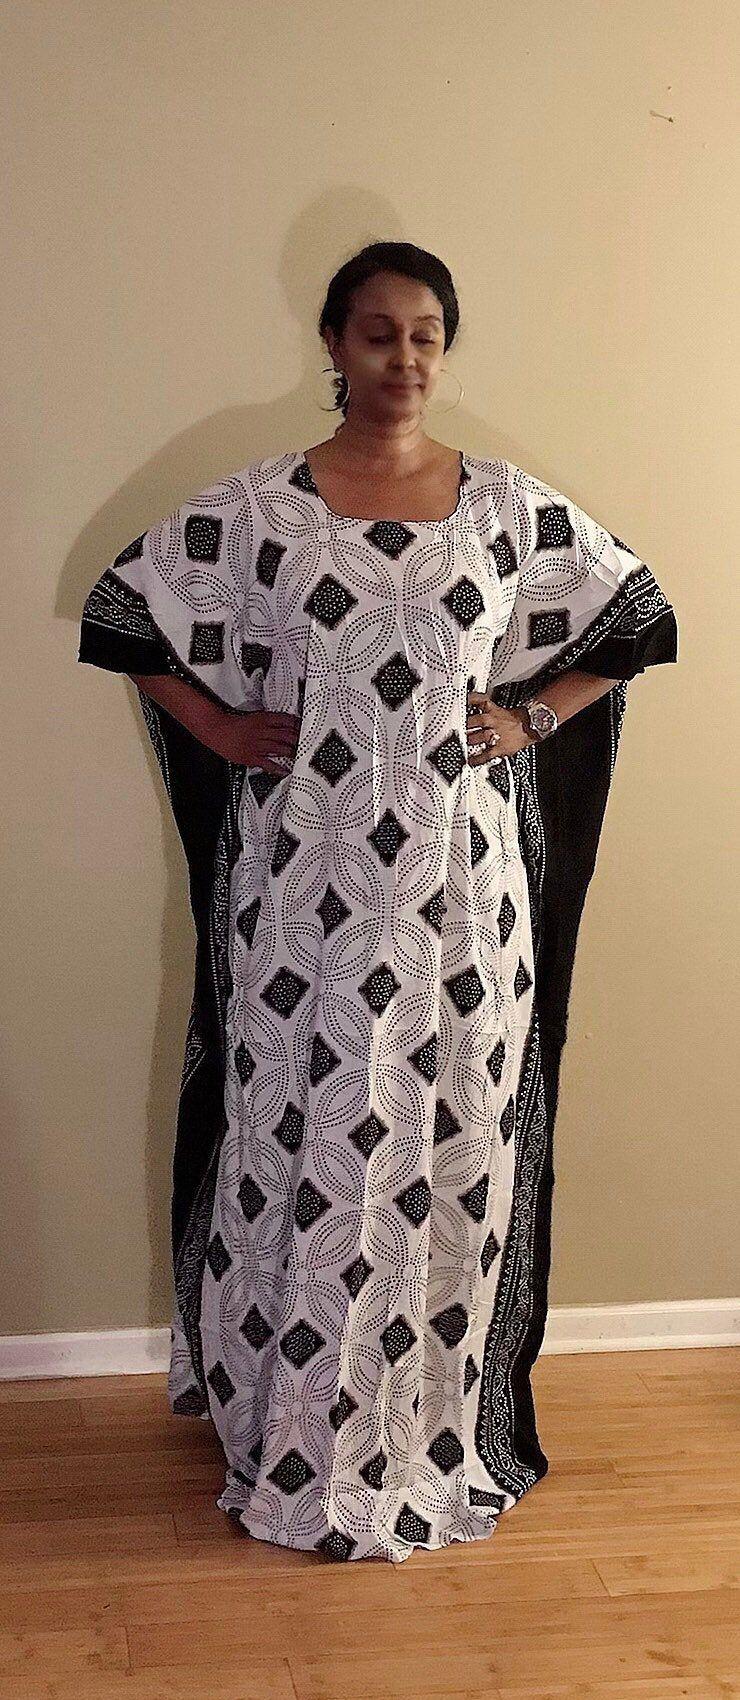 Oversizedkaftandirac Baatiboubou Etsy In 2021 Lounge Wear House Dress How To Wear [ 1700 x 740 Pixel ]